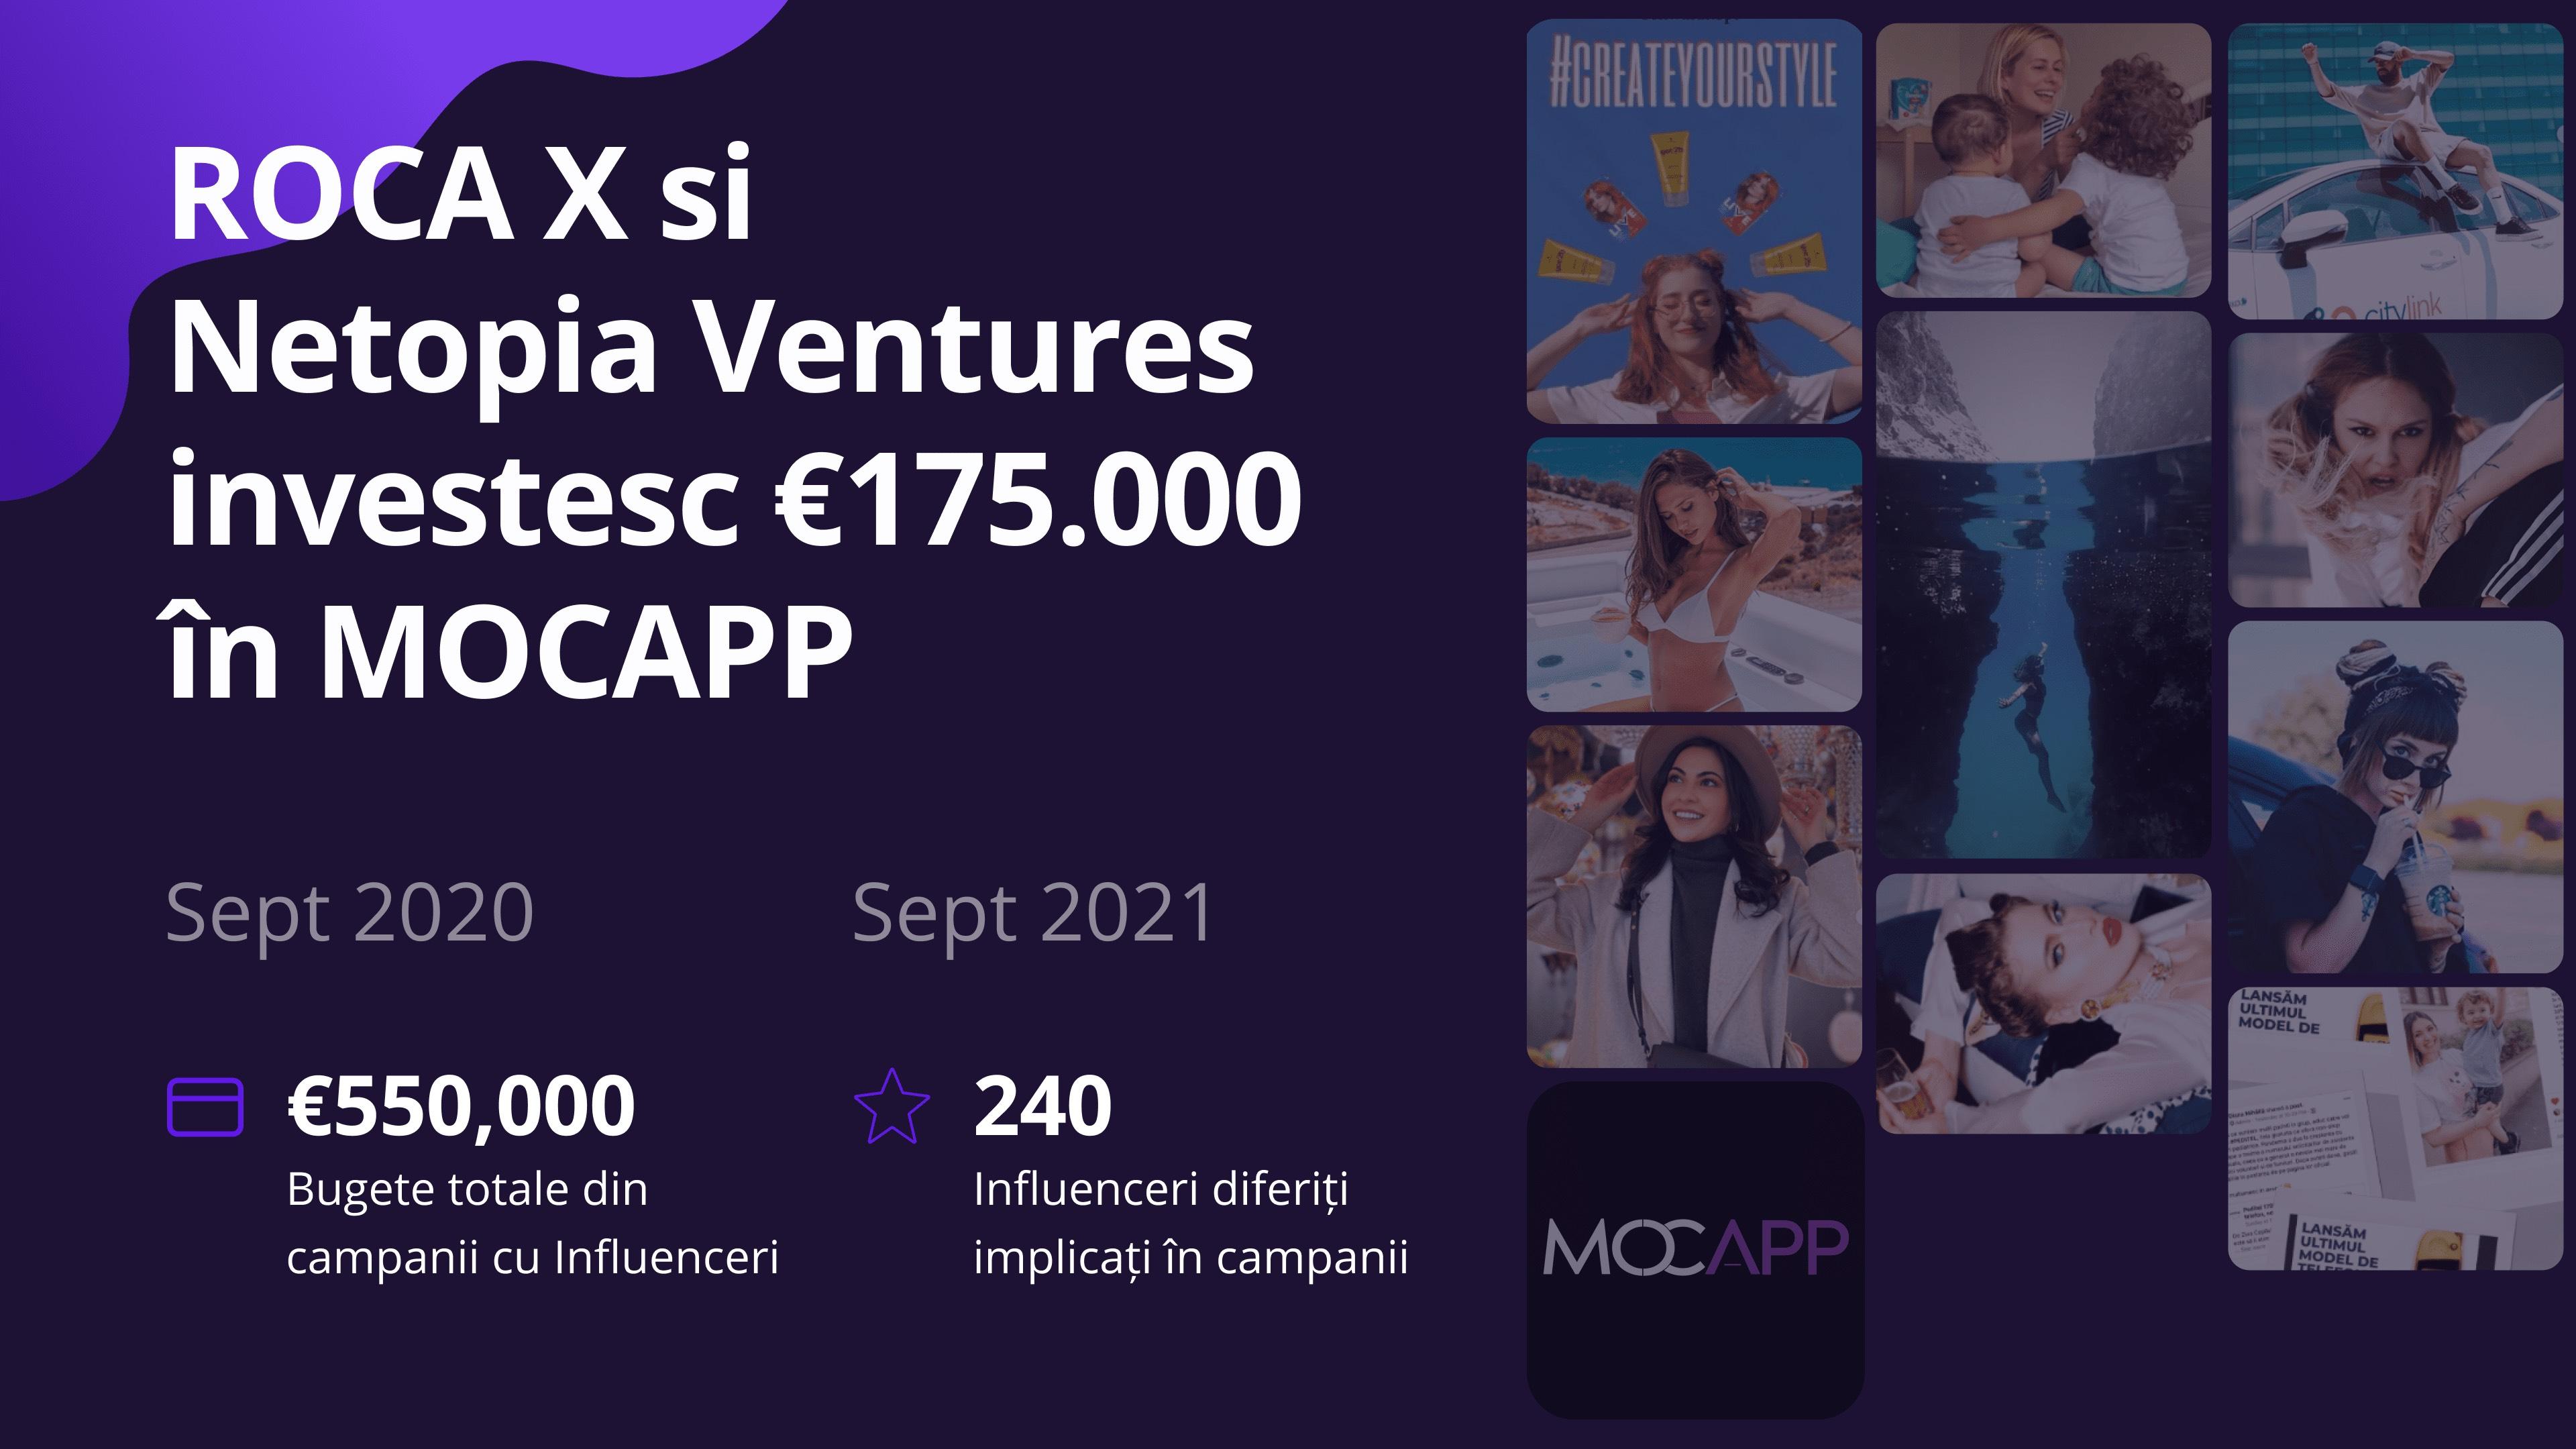 ROCA X și Netopia Venture investesc în MOCAPP